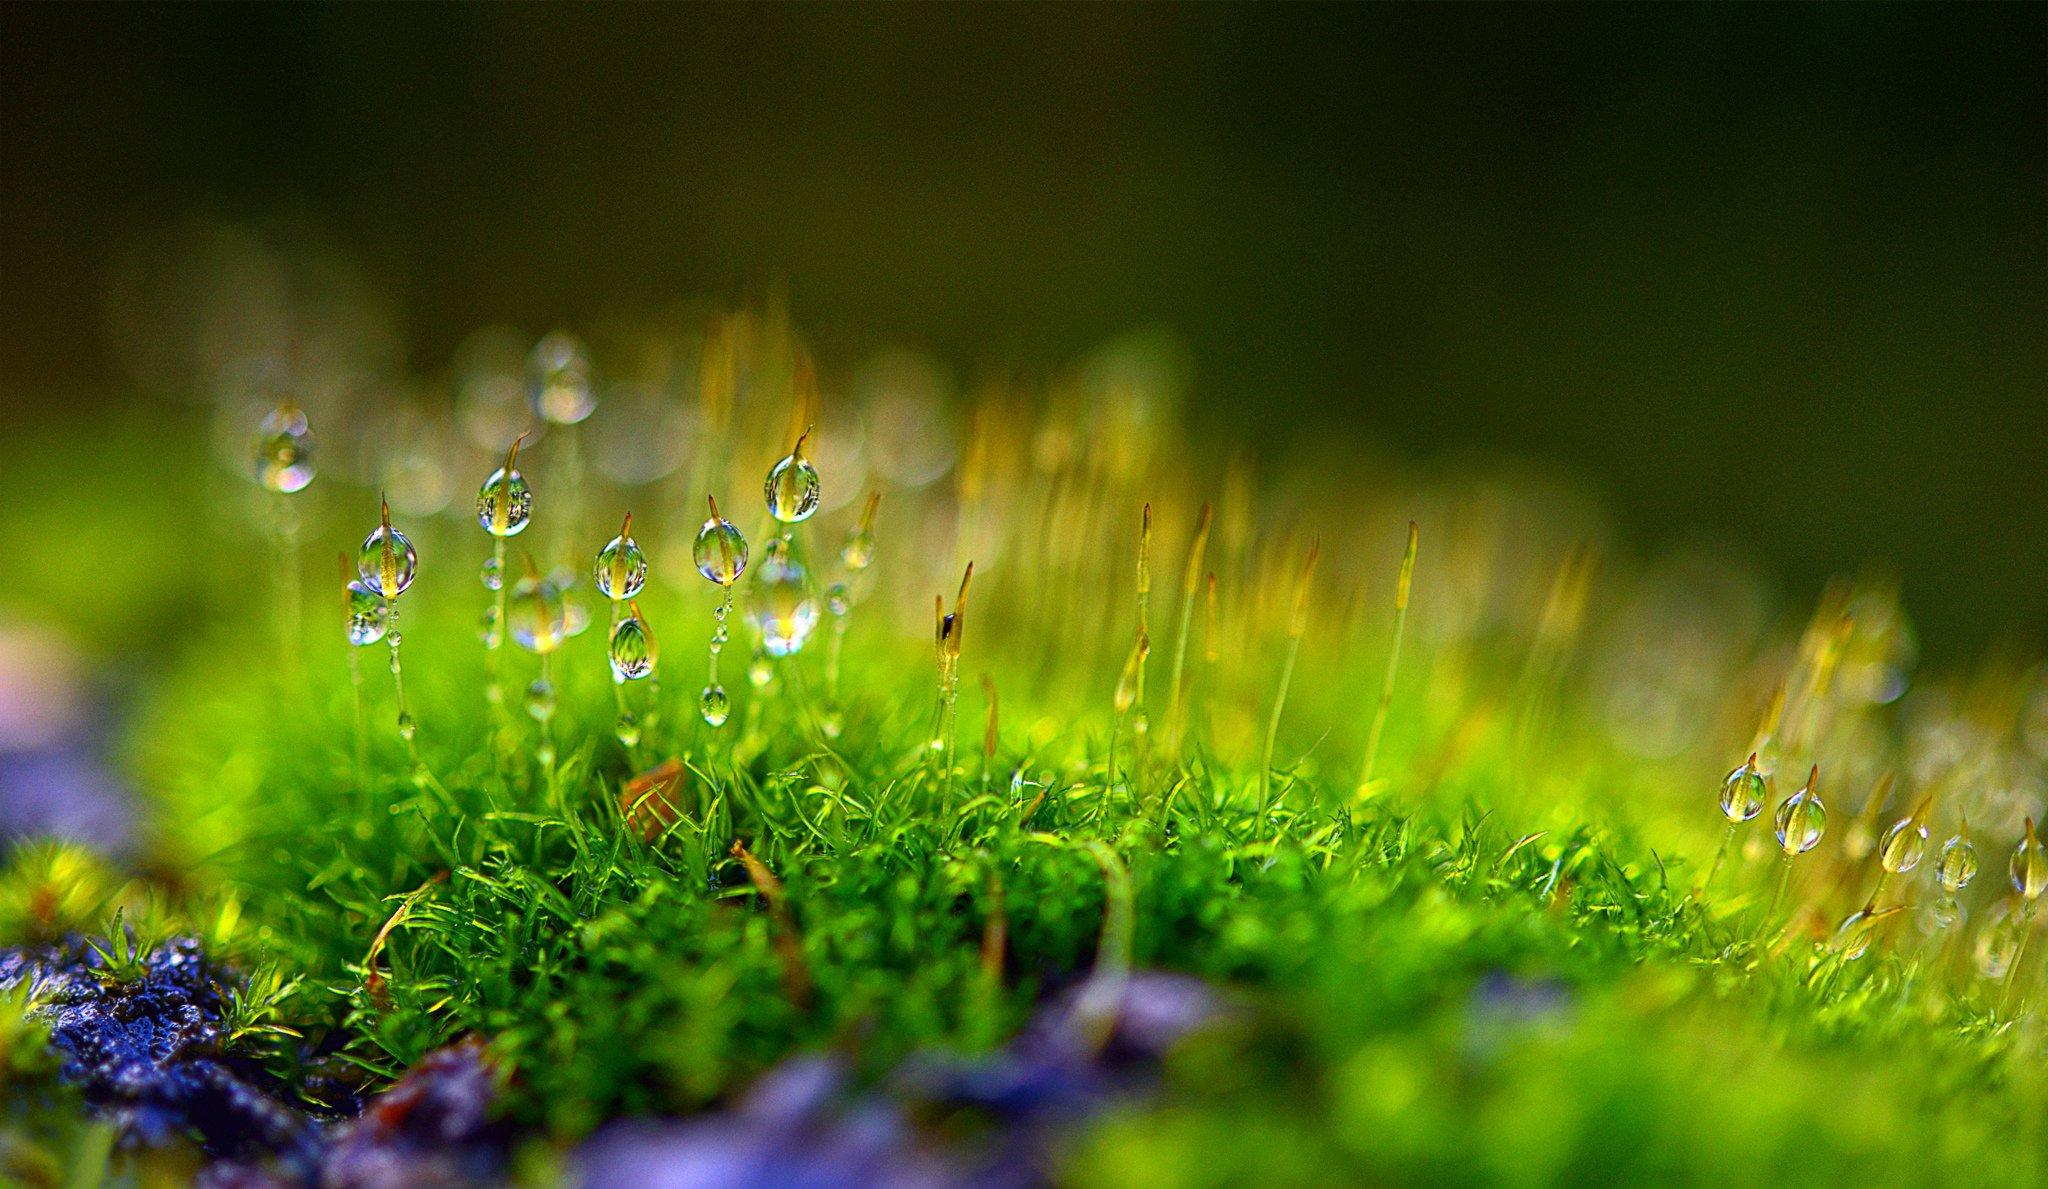 Шарик растительности без смс